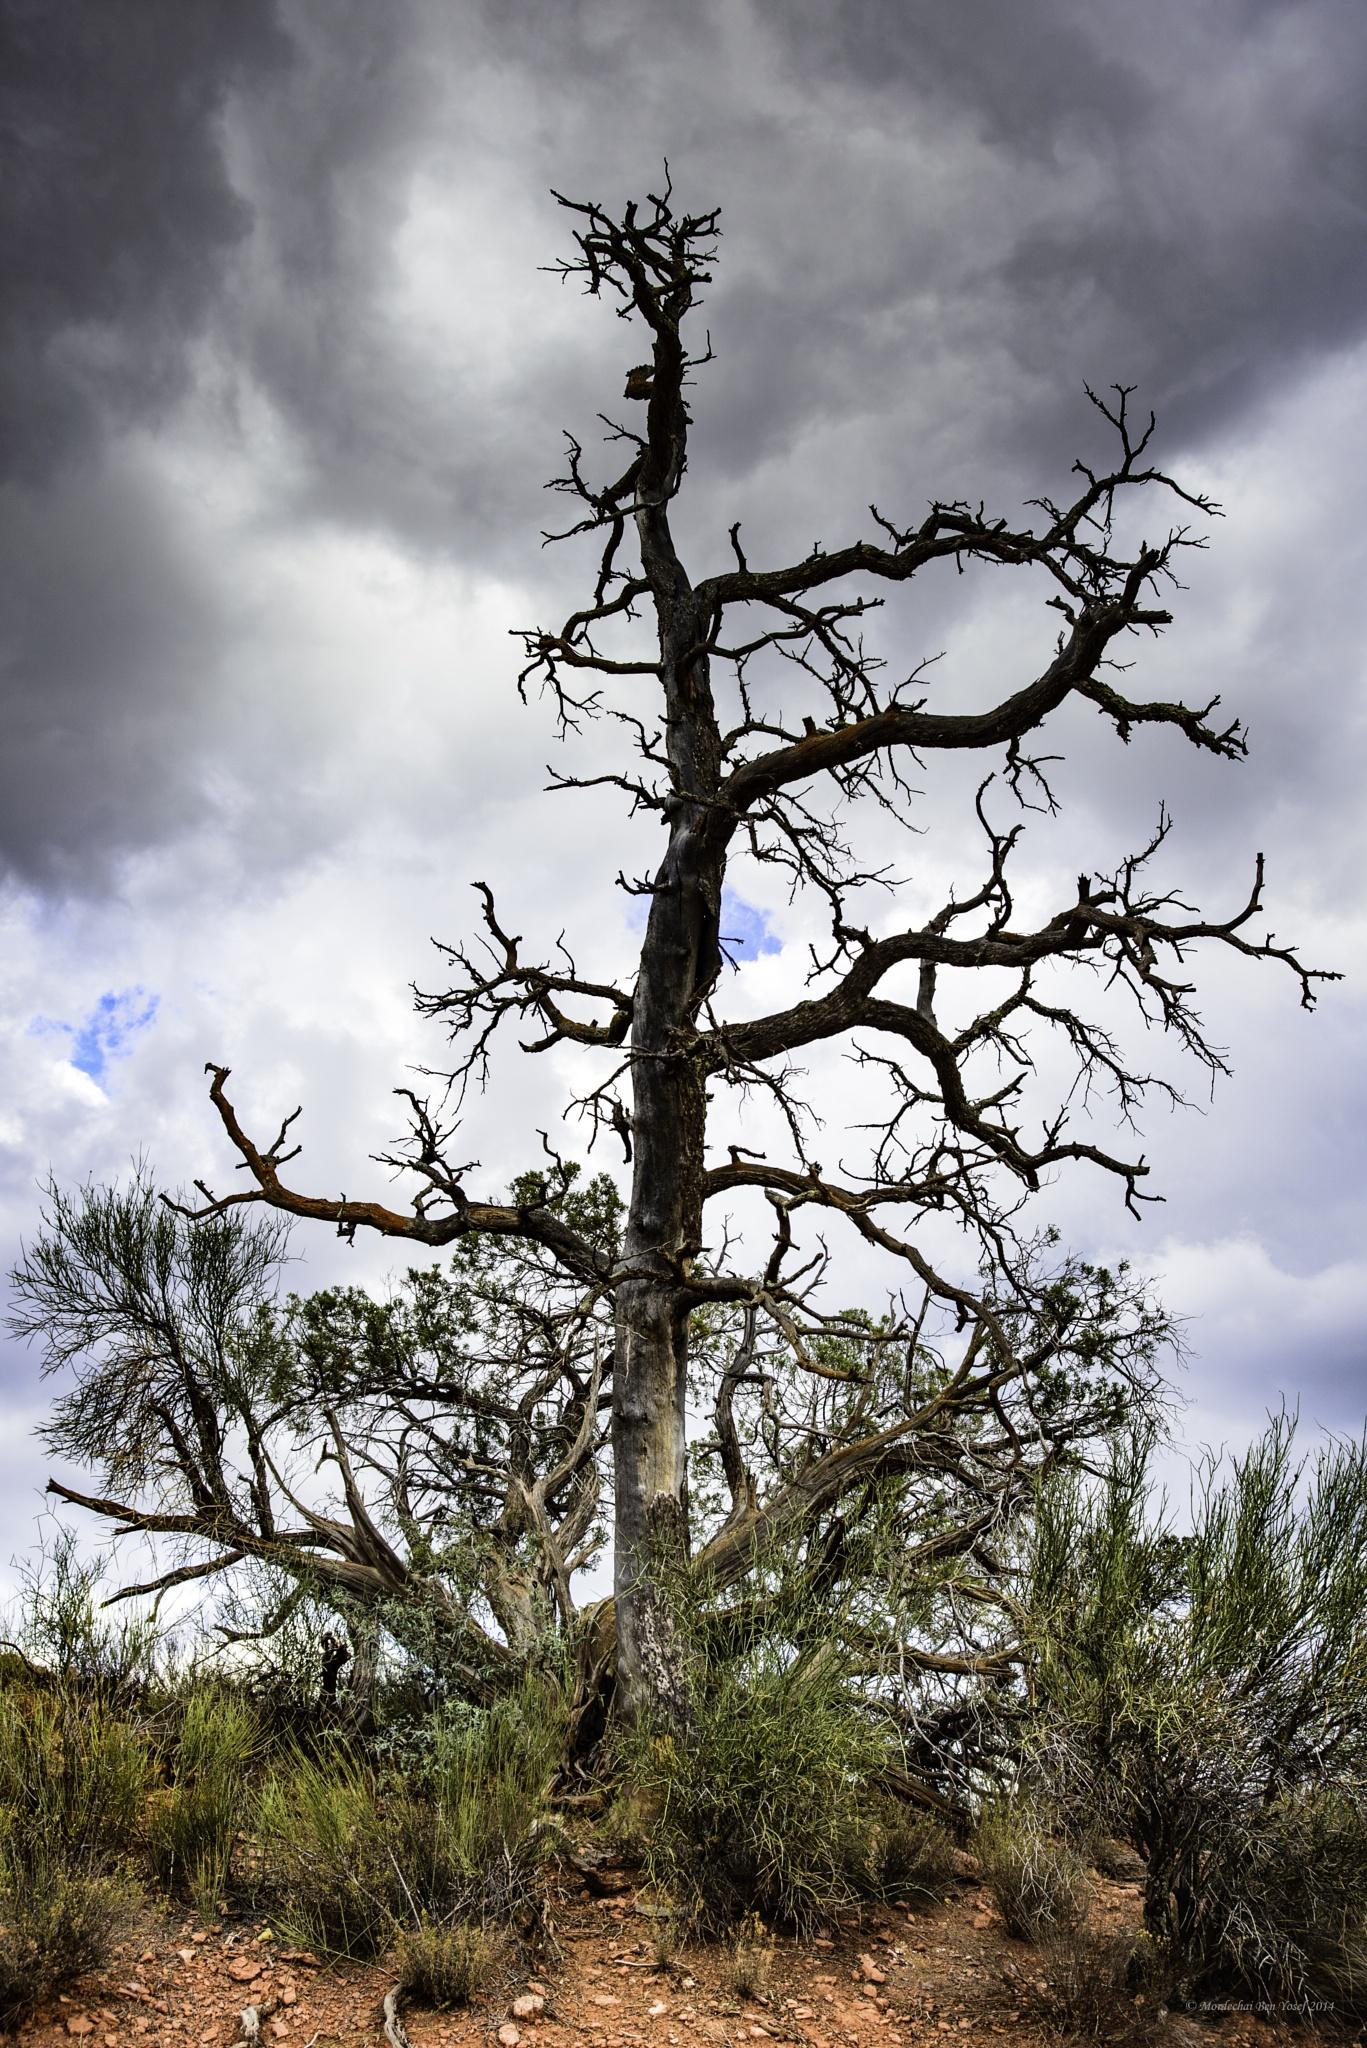 Sedona Arizona by Mordechai Ben Yosef